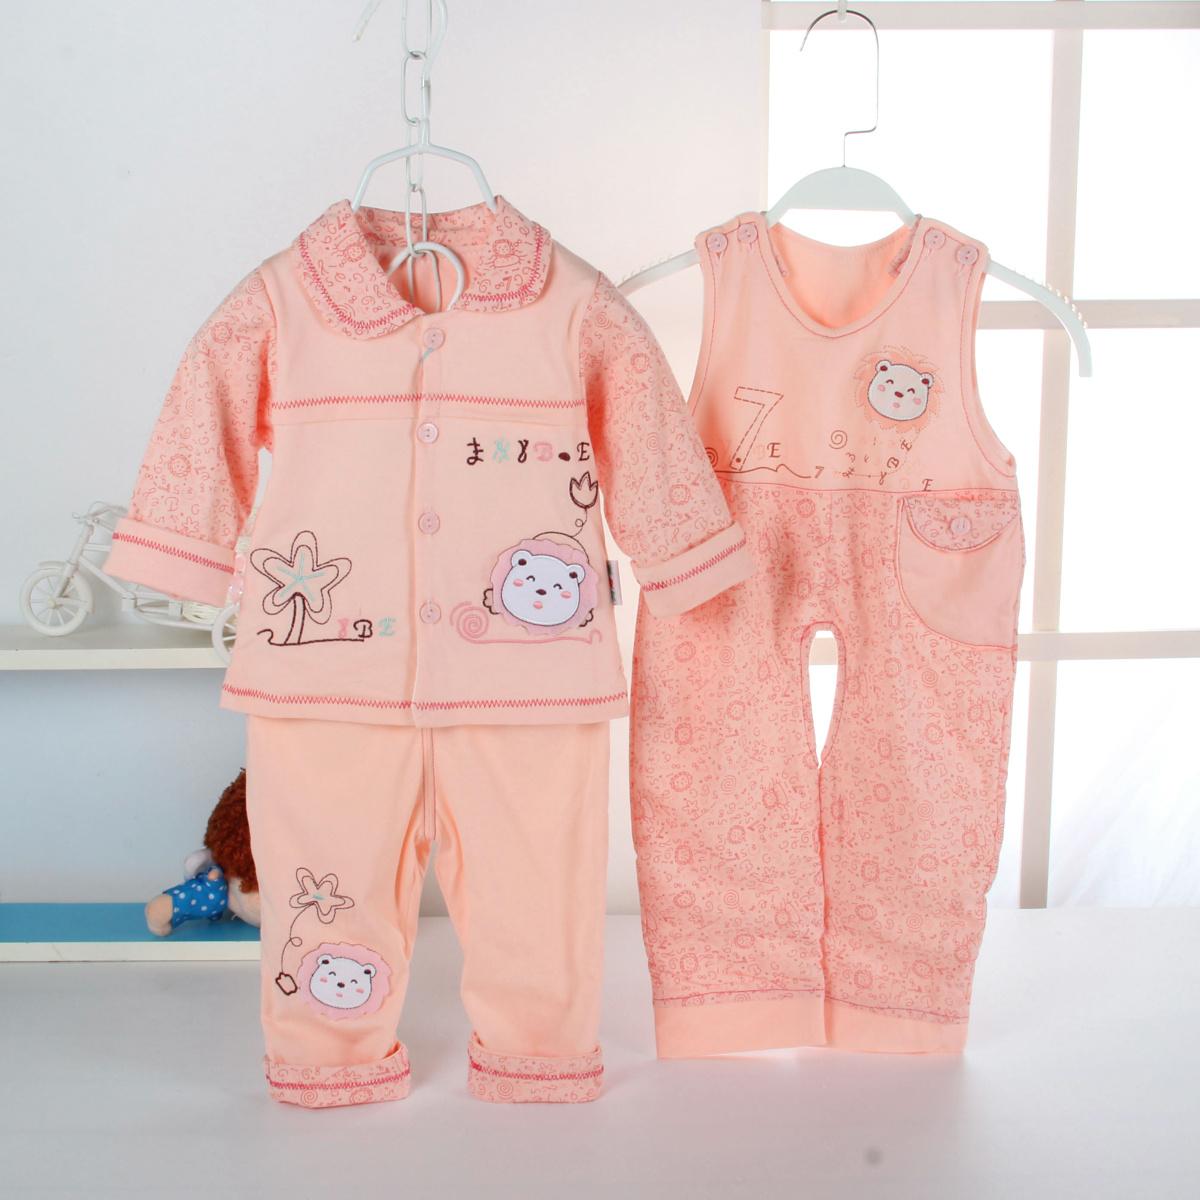 婴儿童纯棉内衣套装连体衣哈衣加厚保暖长袖背带裤男女宝宝秋冬装